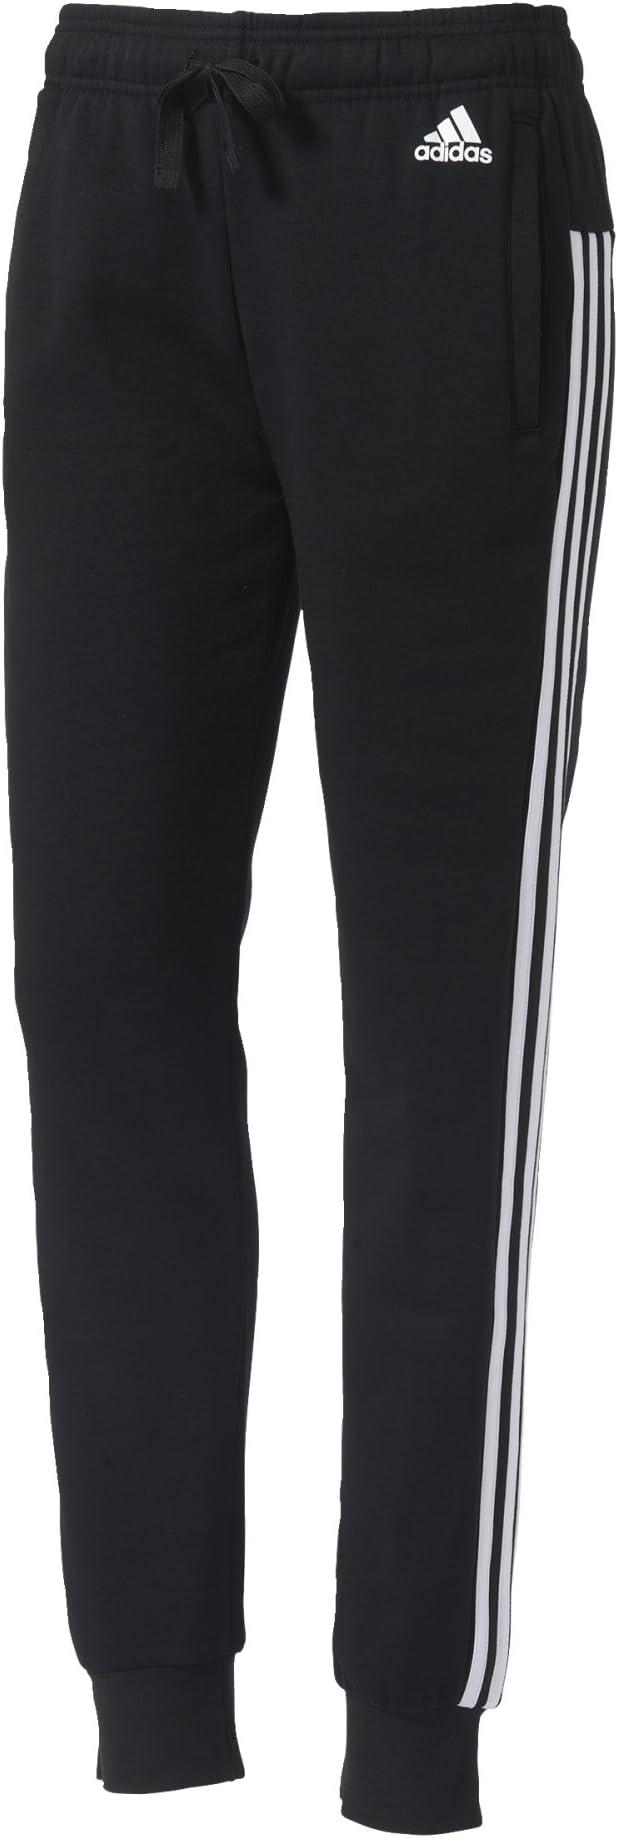 adidas S97109 Pantalón de Chándal, Mujer: Amazon.es: Deportes y ...